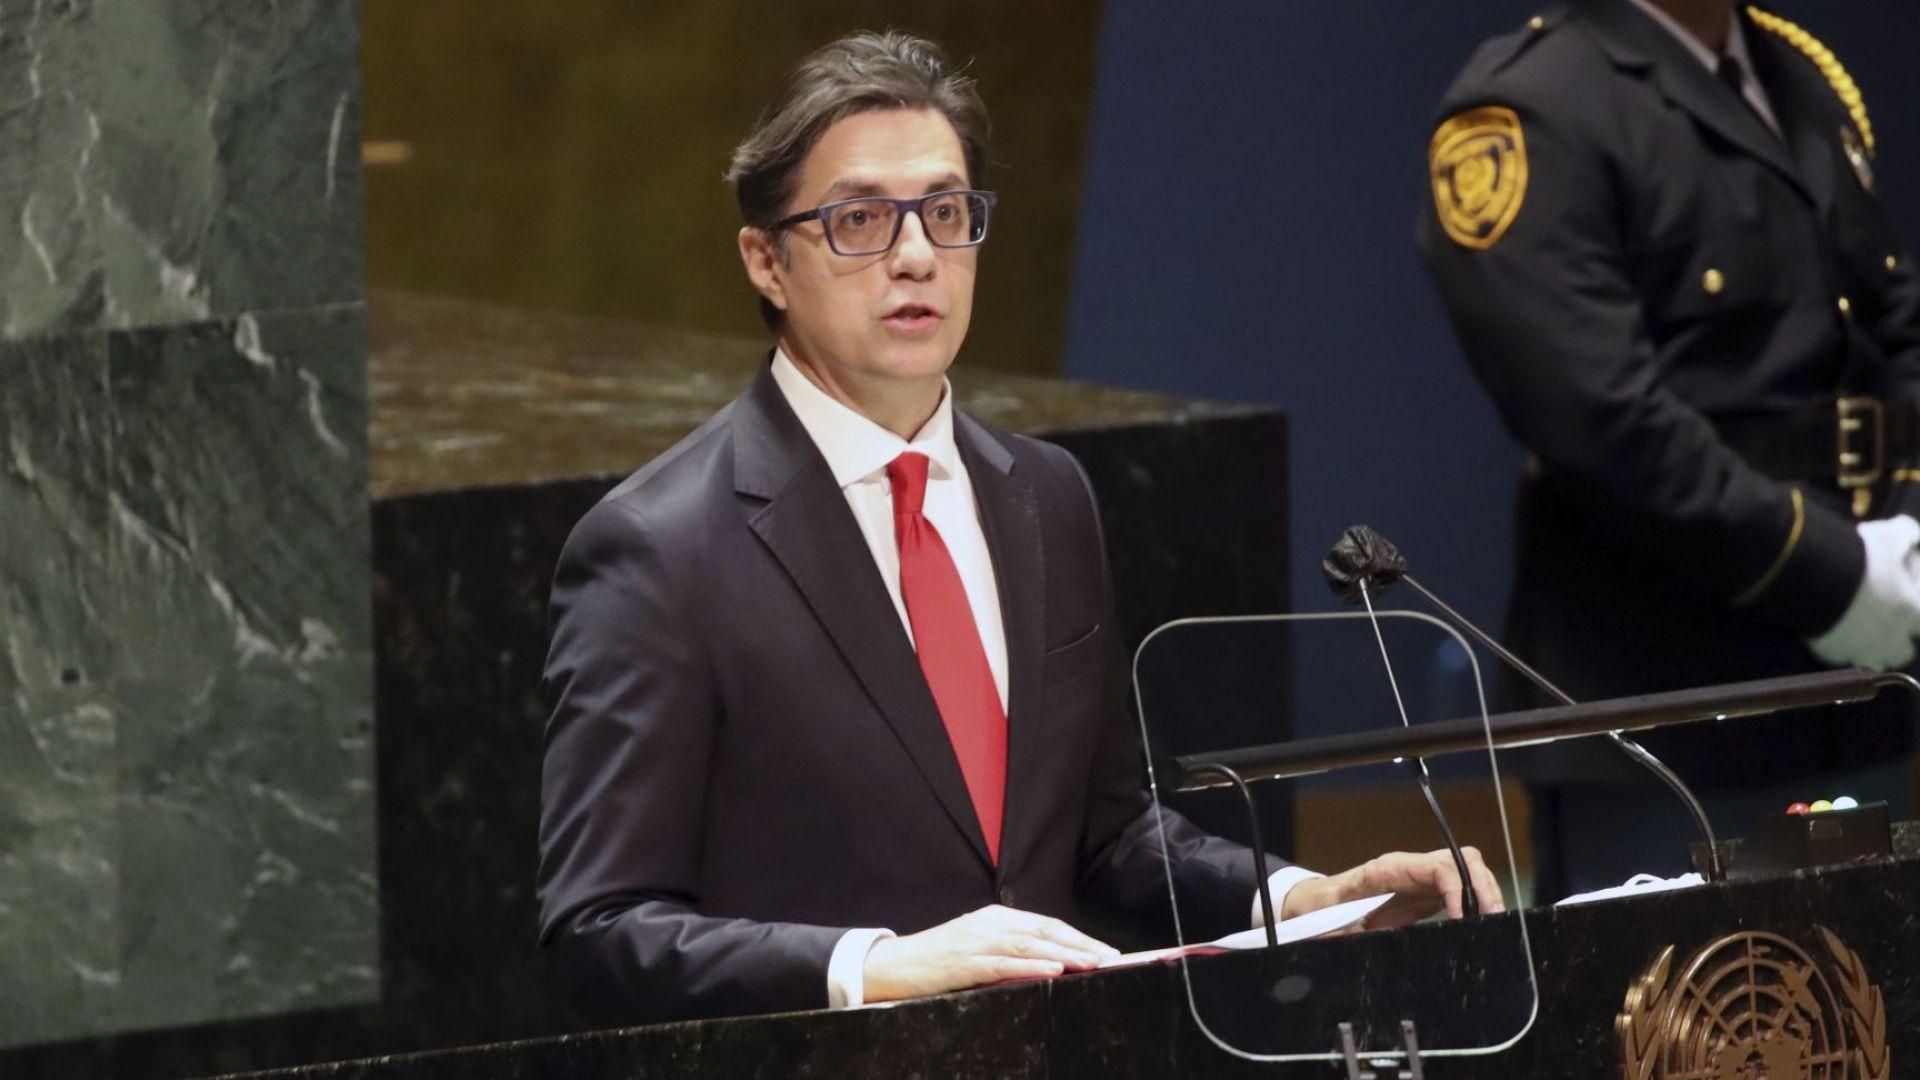 Пендаровски пред ООН: Западните Балкани губят надежда, че ще влязат в ЕС